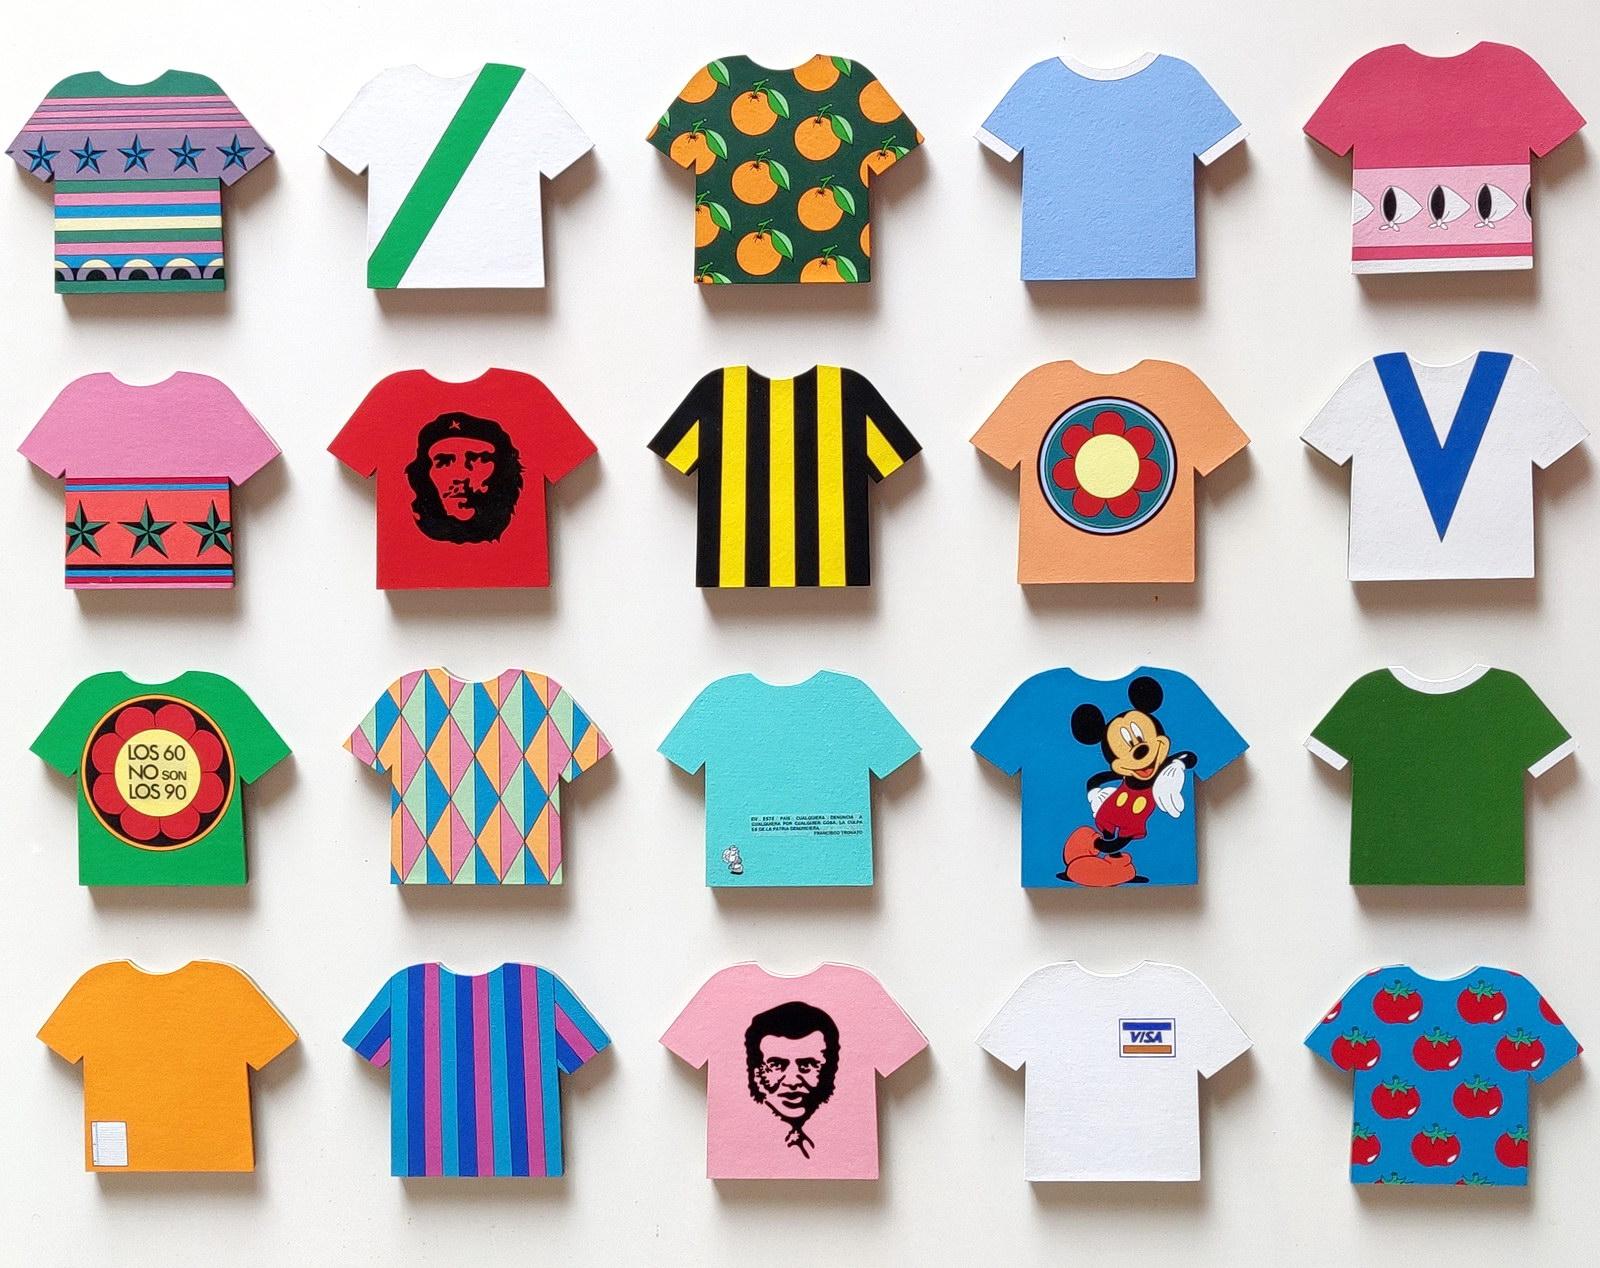 Rosana Fuertes, Pasión de multitudes, 1992-continúa, 20 camisetas de passe-partout pintadas con acrílico montado sobre telgopor, 102 x 130 cm_